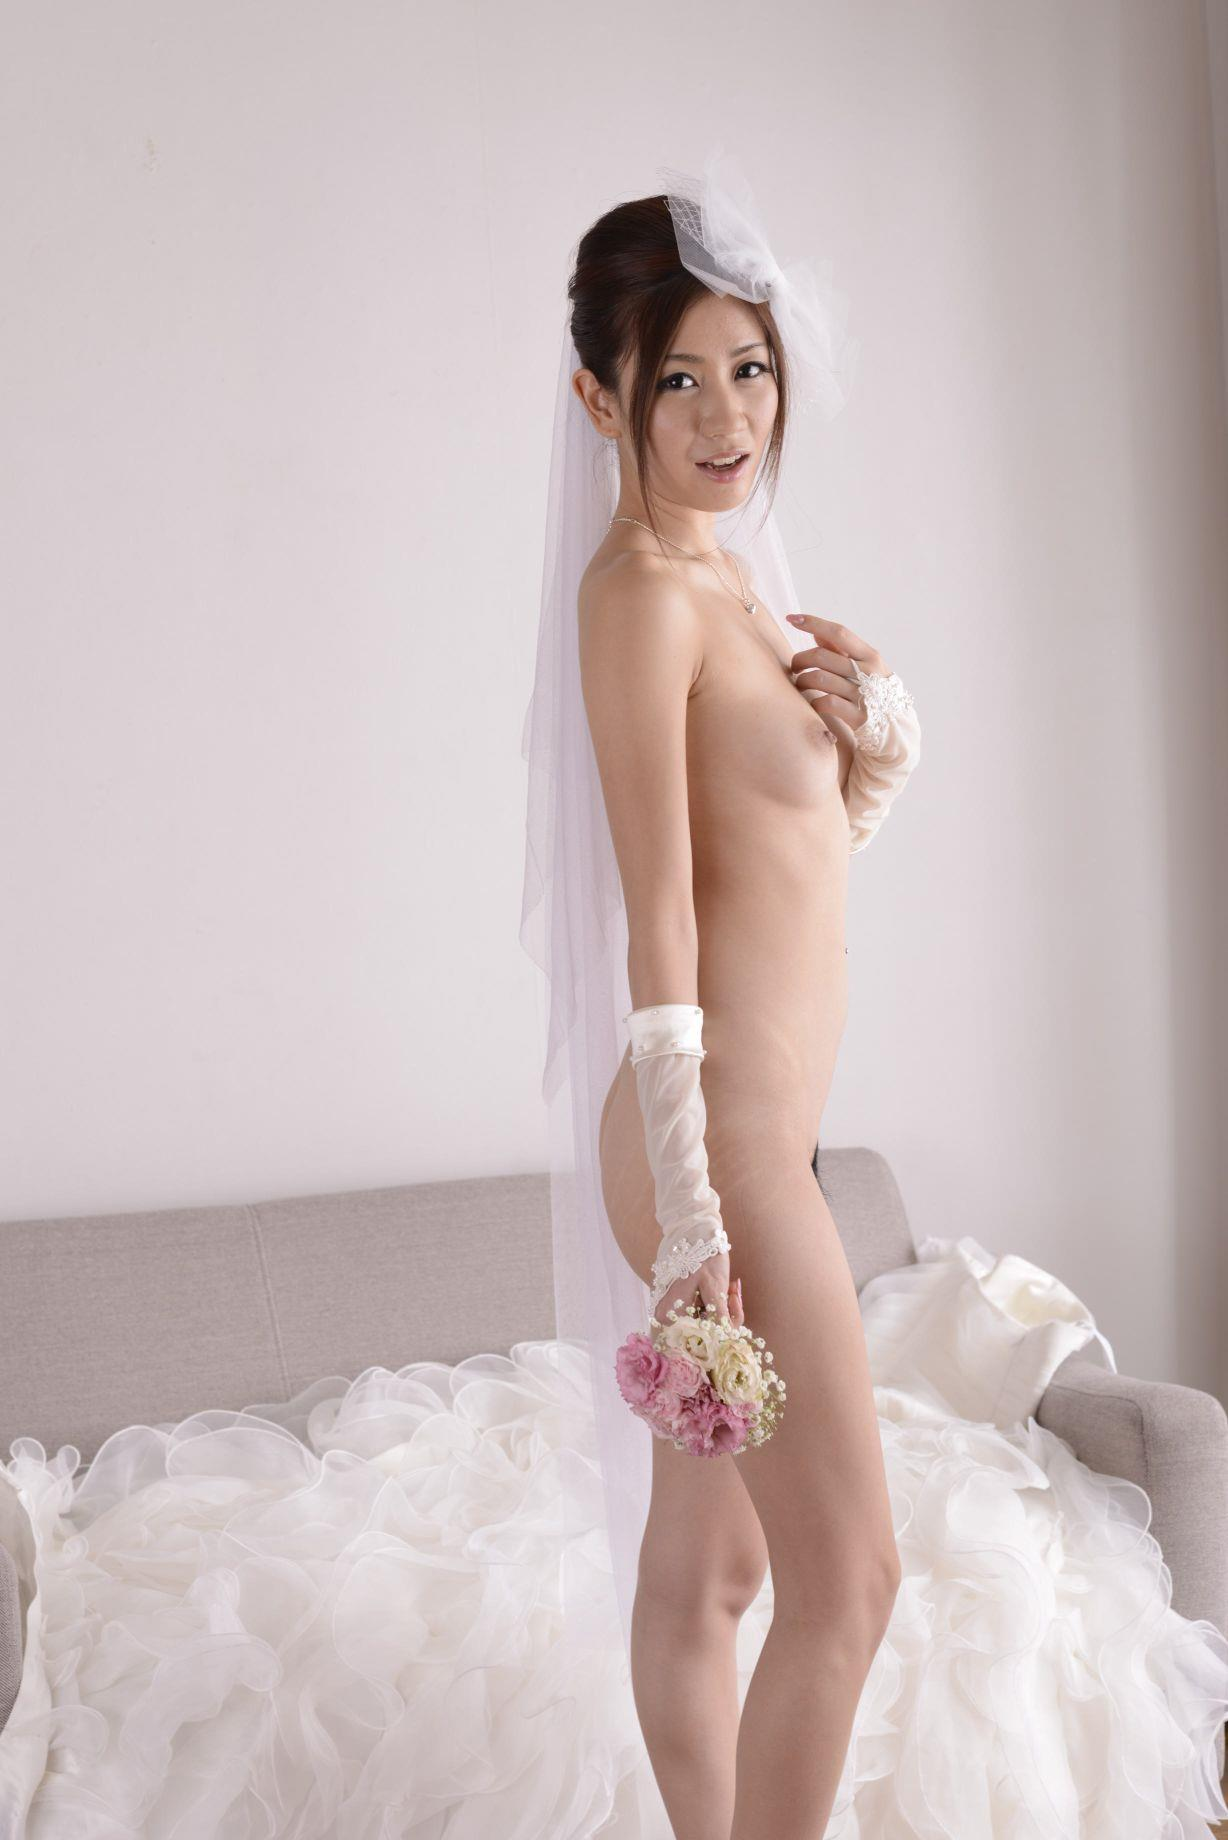 前田かおり ウェディングドレス画像 101